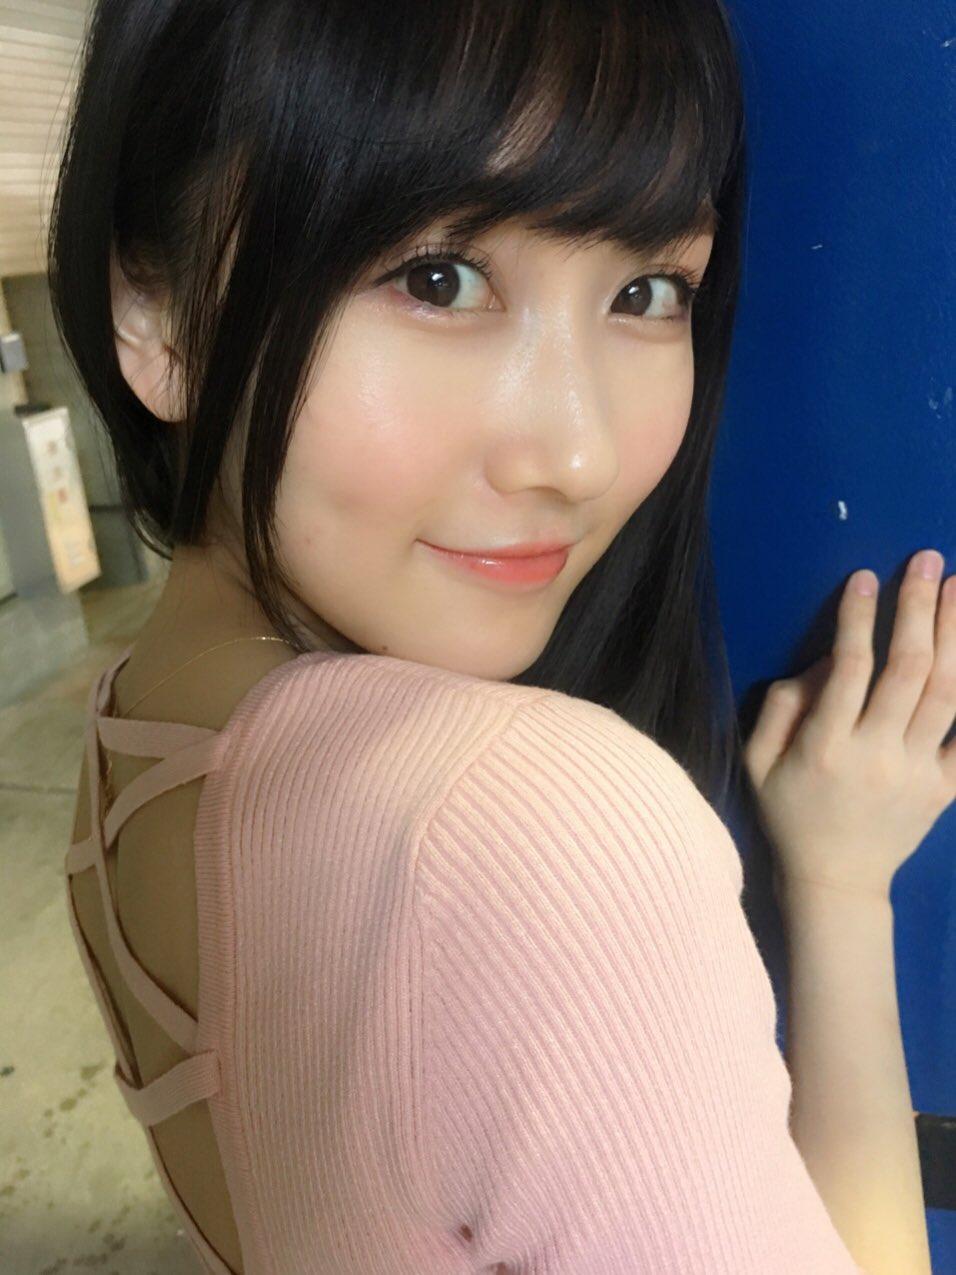 【朗報】矢倉楓子の入浴写真キタ━━━━(゚∀゚)━━━━!!